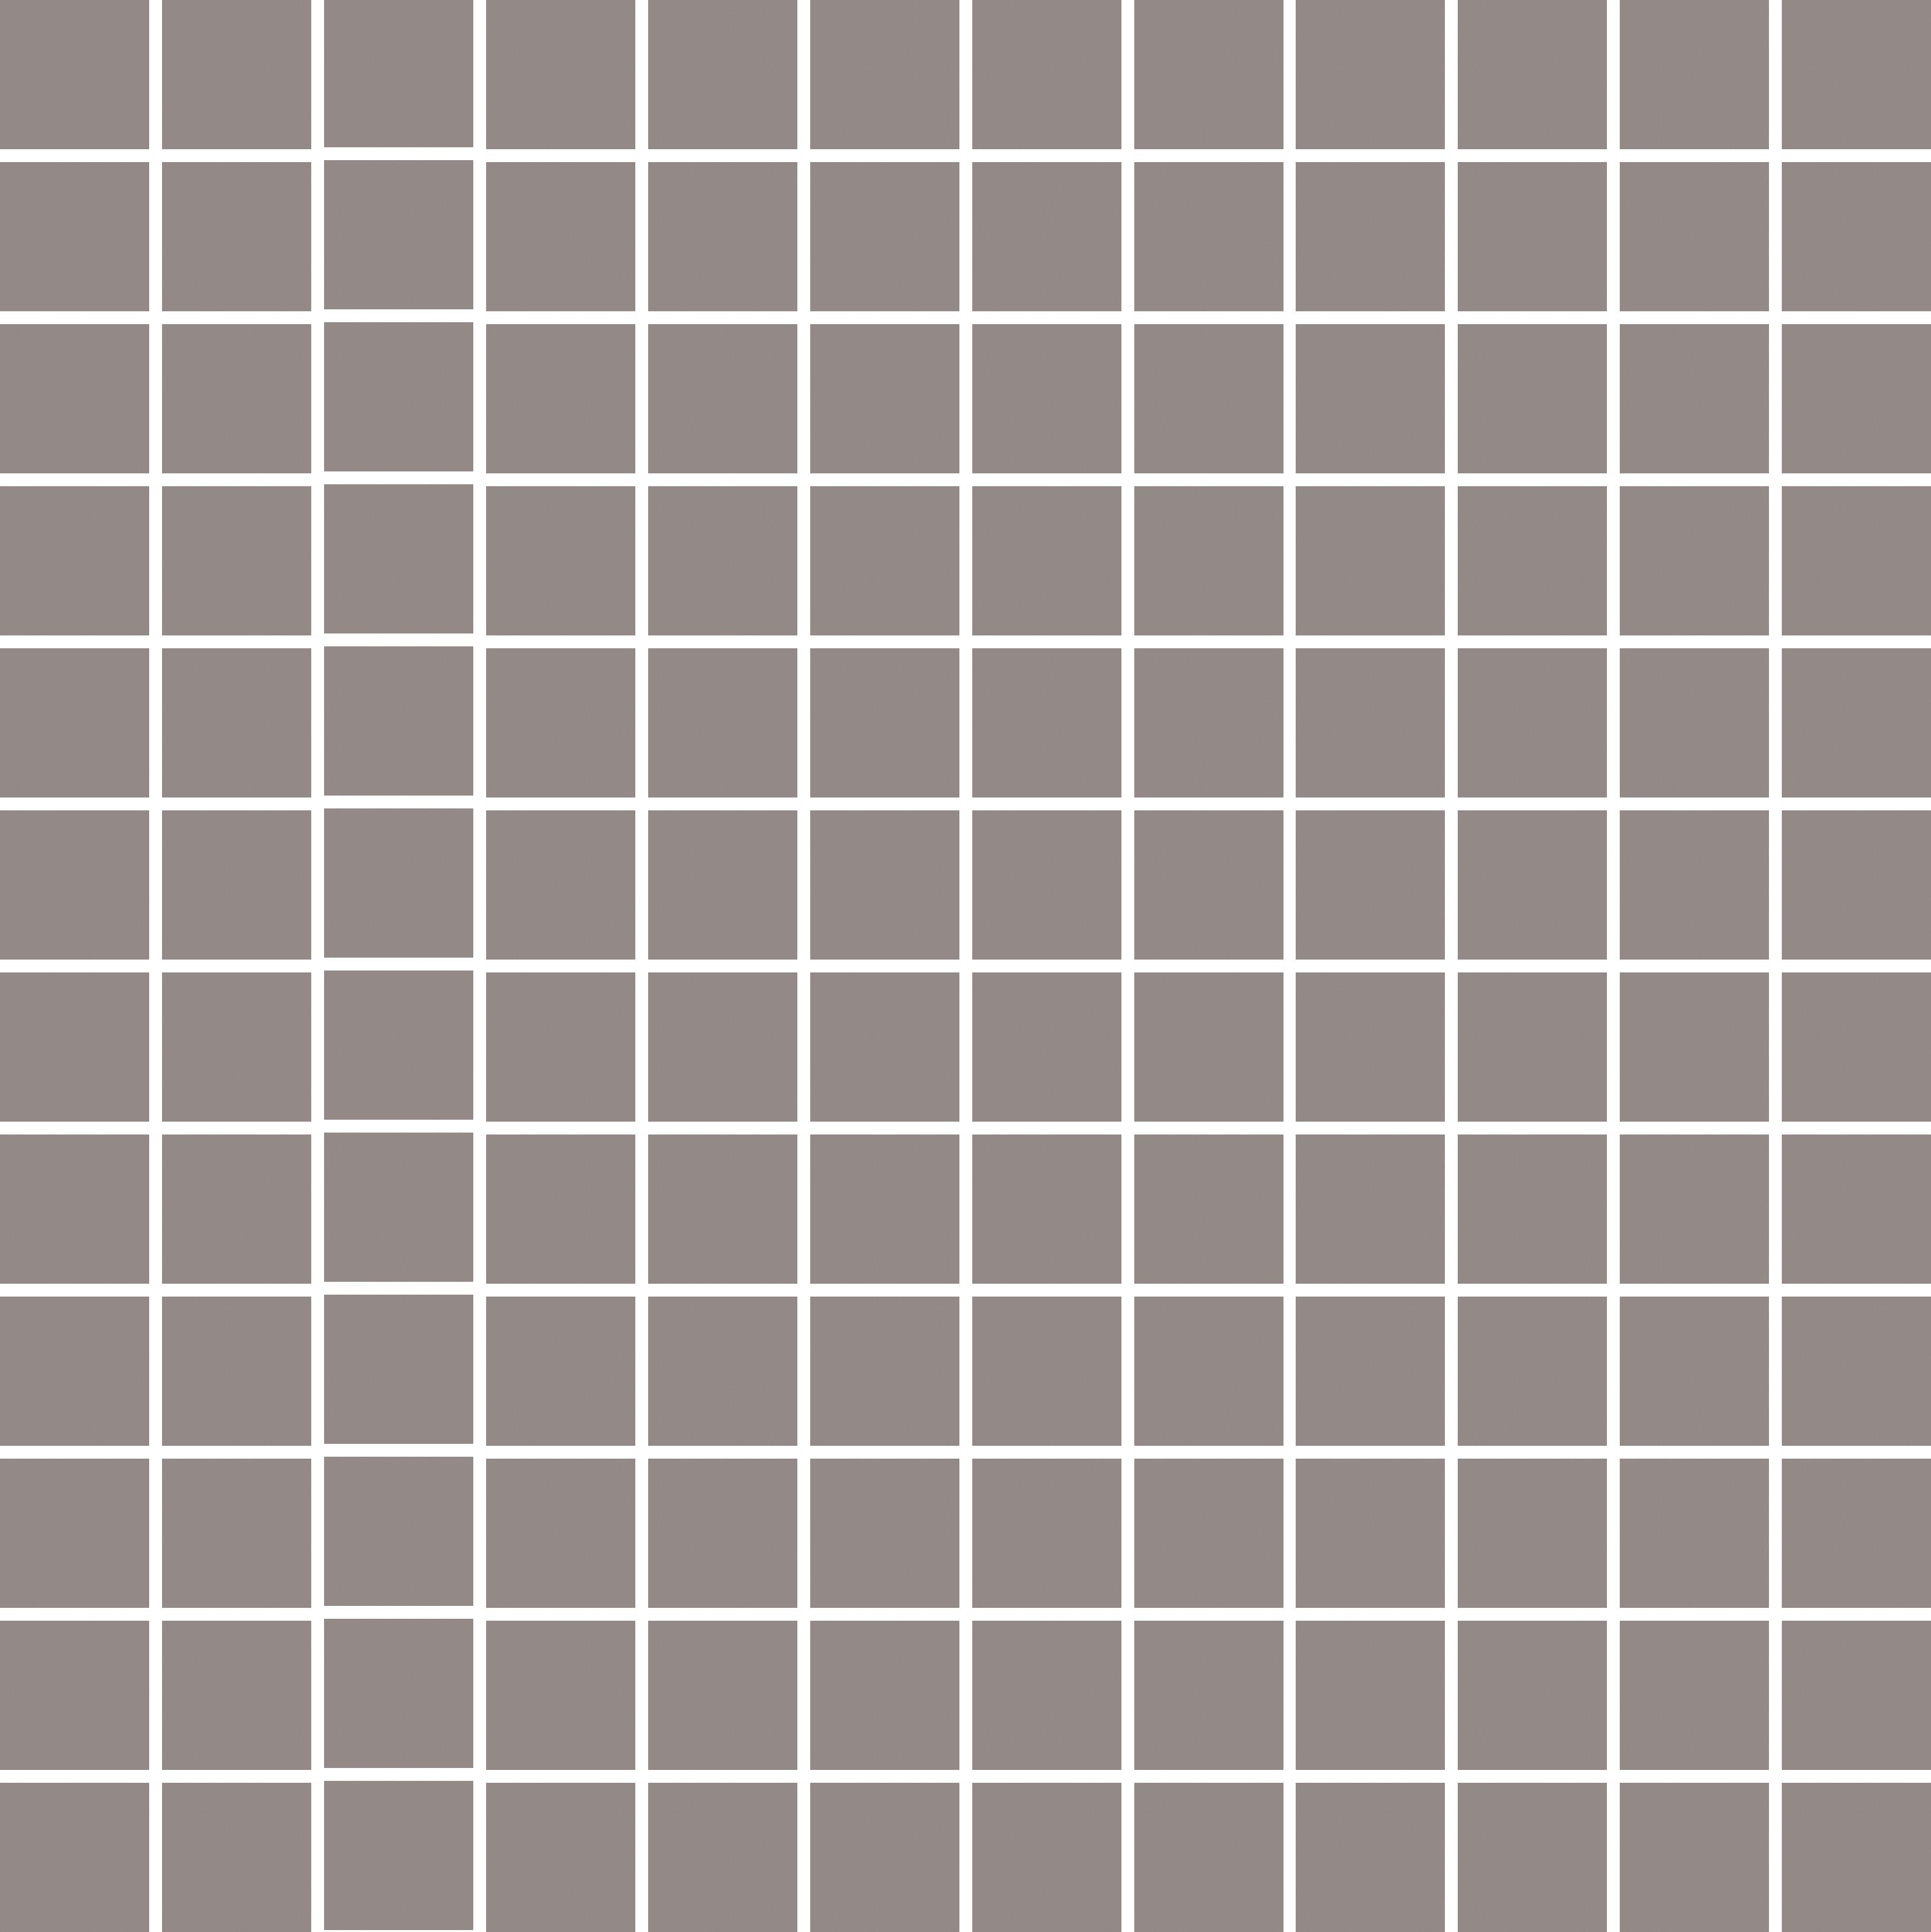 25-0344, Mosaico Porcelanico 2019, Harmaa, lattia,liukastumisenesto,mosaiikki,pakkasenkesto